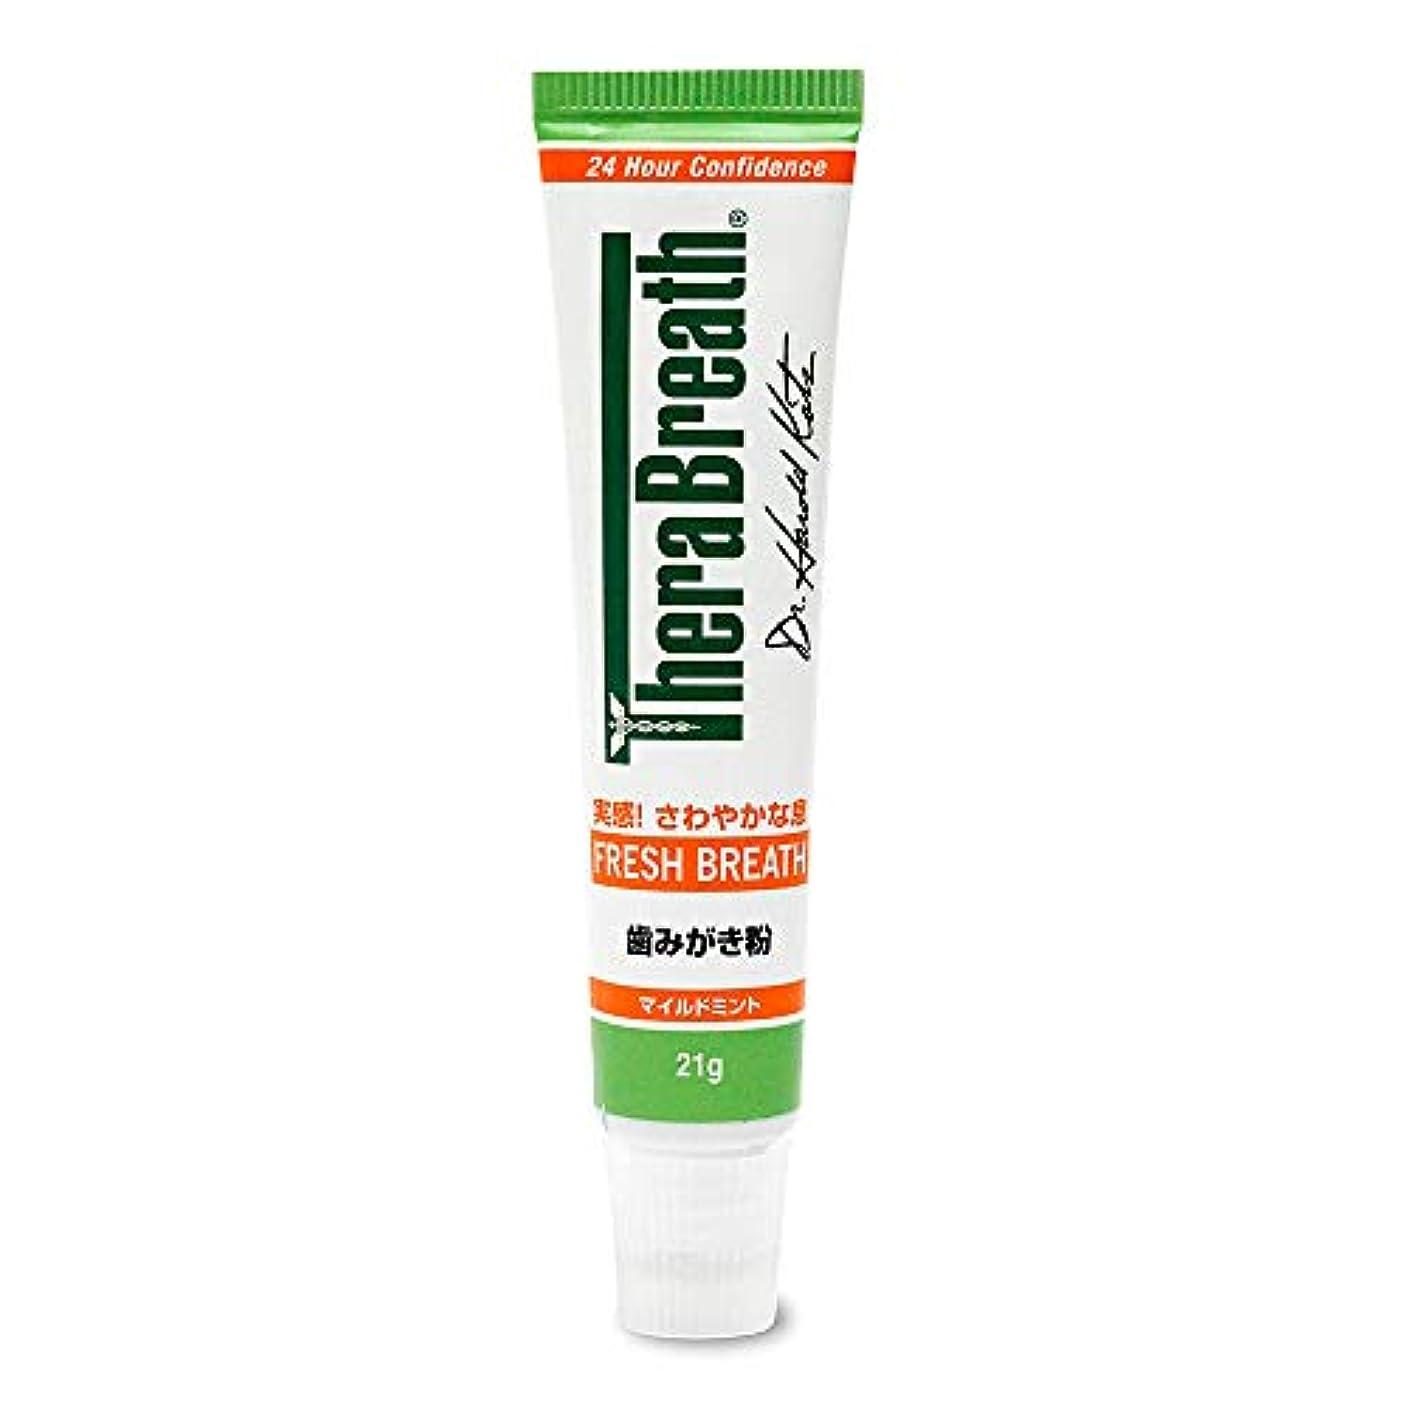 急速な円形のワームTheraBreath (セラブレス) セラブレス トゥースジェル ミニサイズ 21g (正規輸入品) 舌磨き